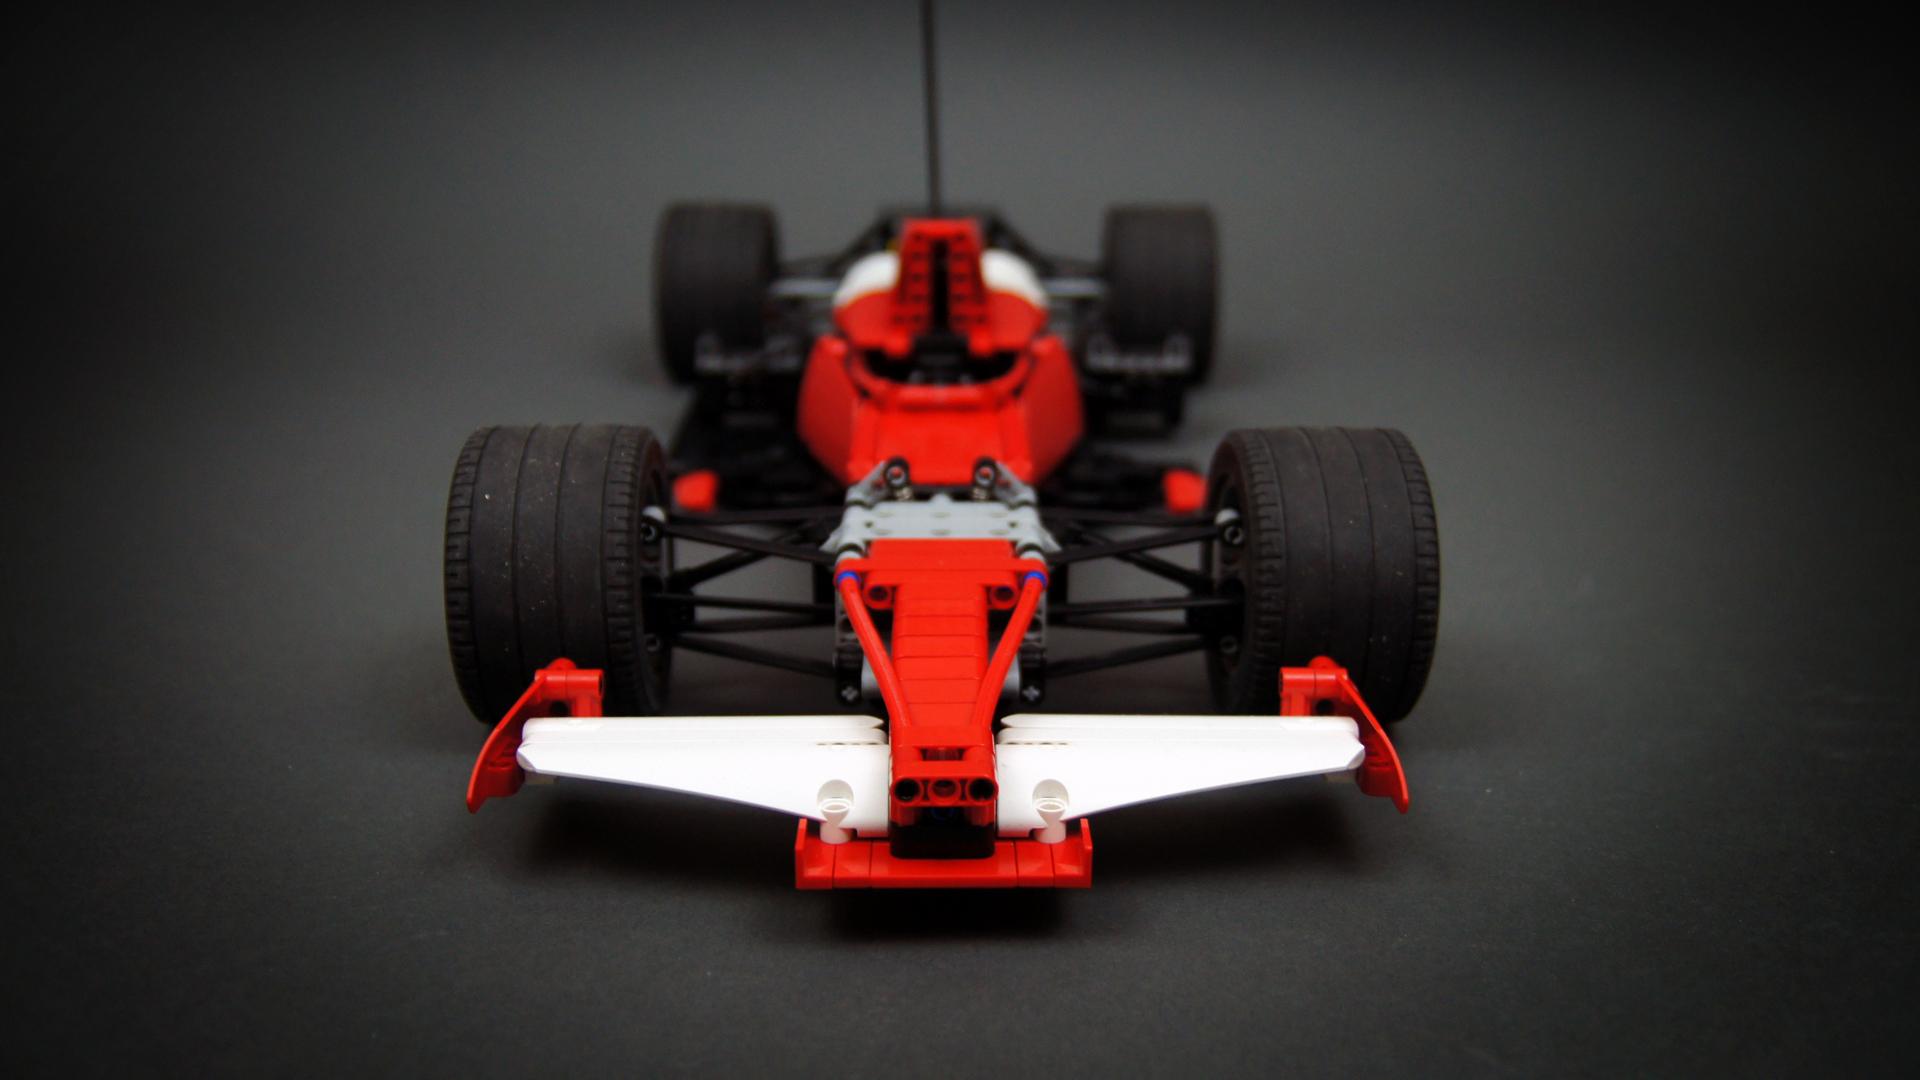 Sariel Pl 187 F1 Car